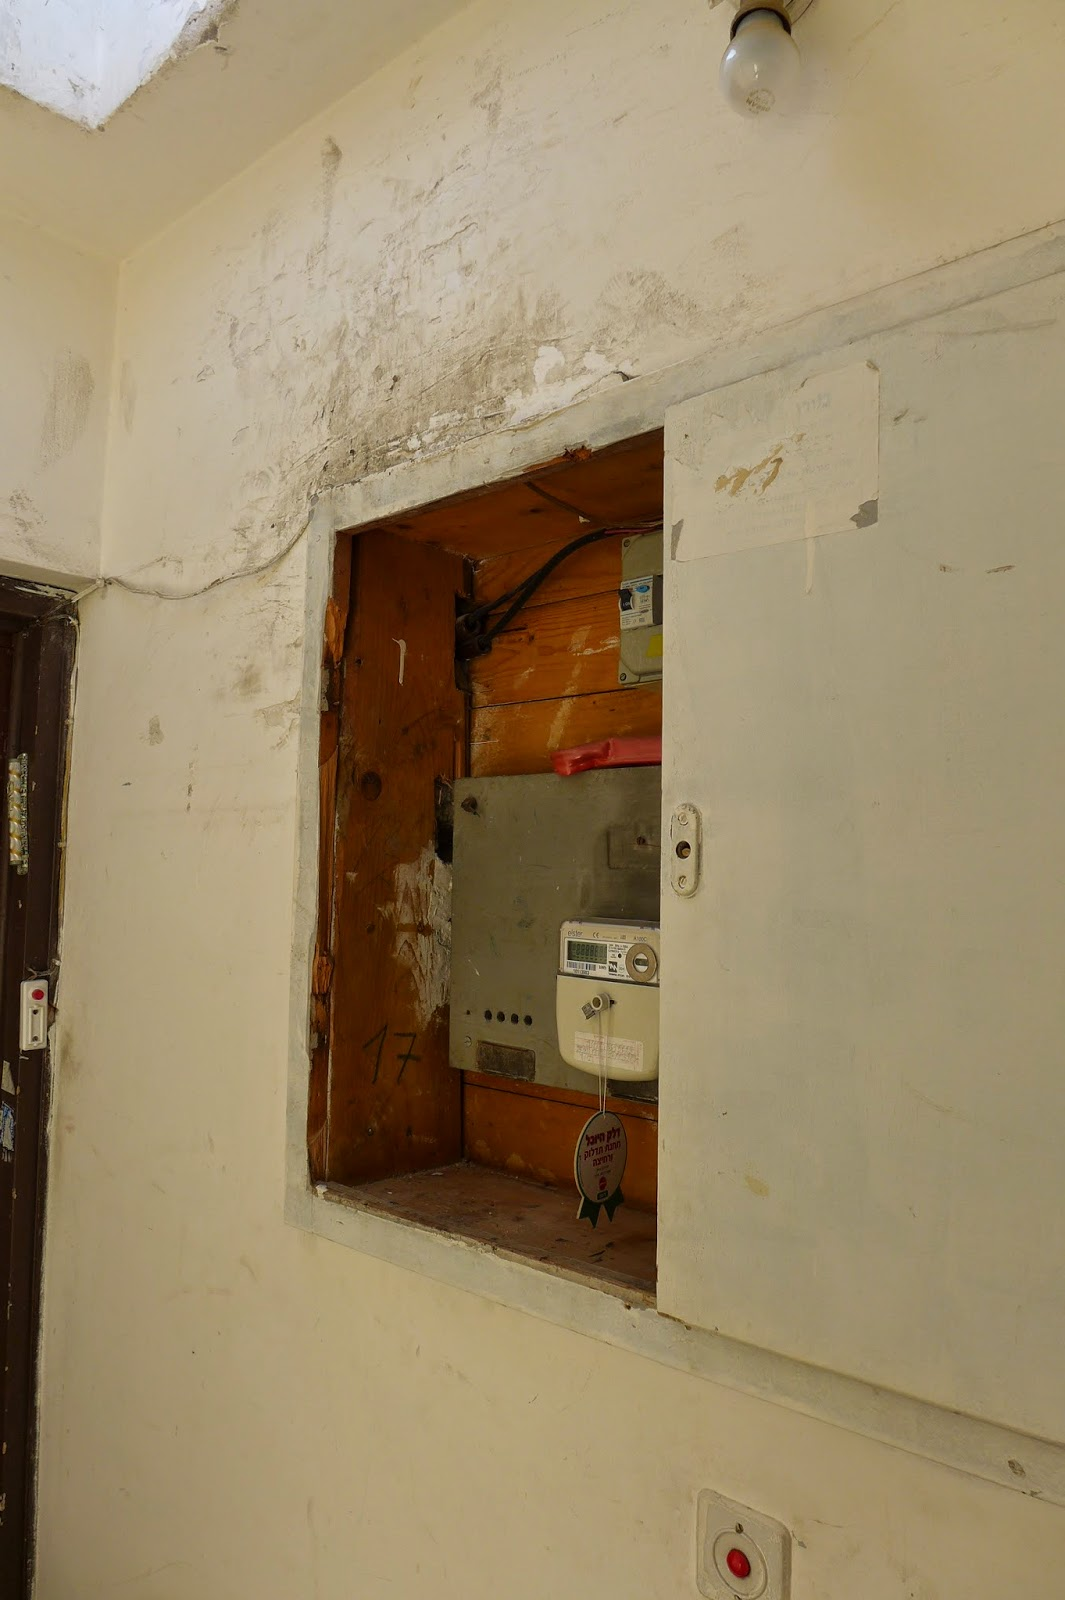 בלשי משטרת מרחב דן שברו דלת ארון חשמל במהלך טיפוס לגג הבנין